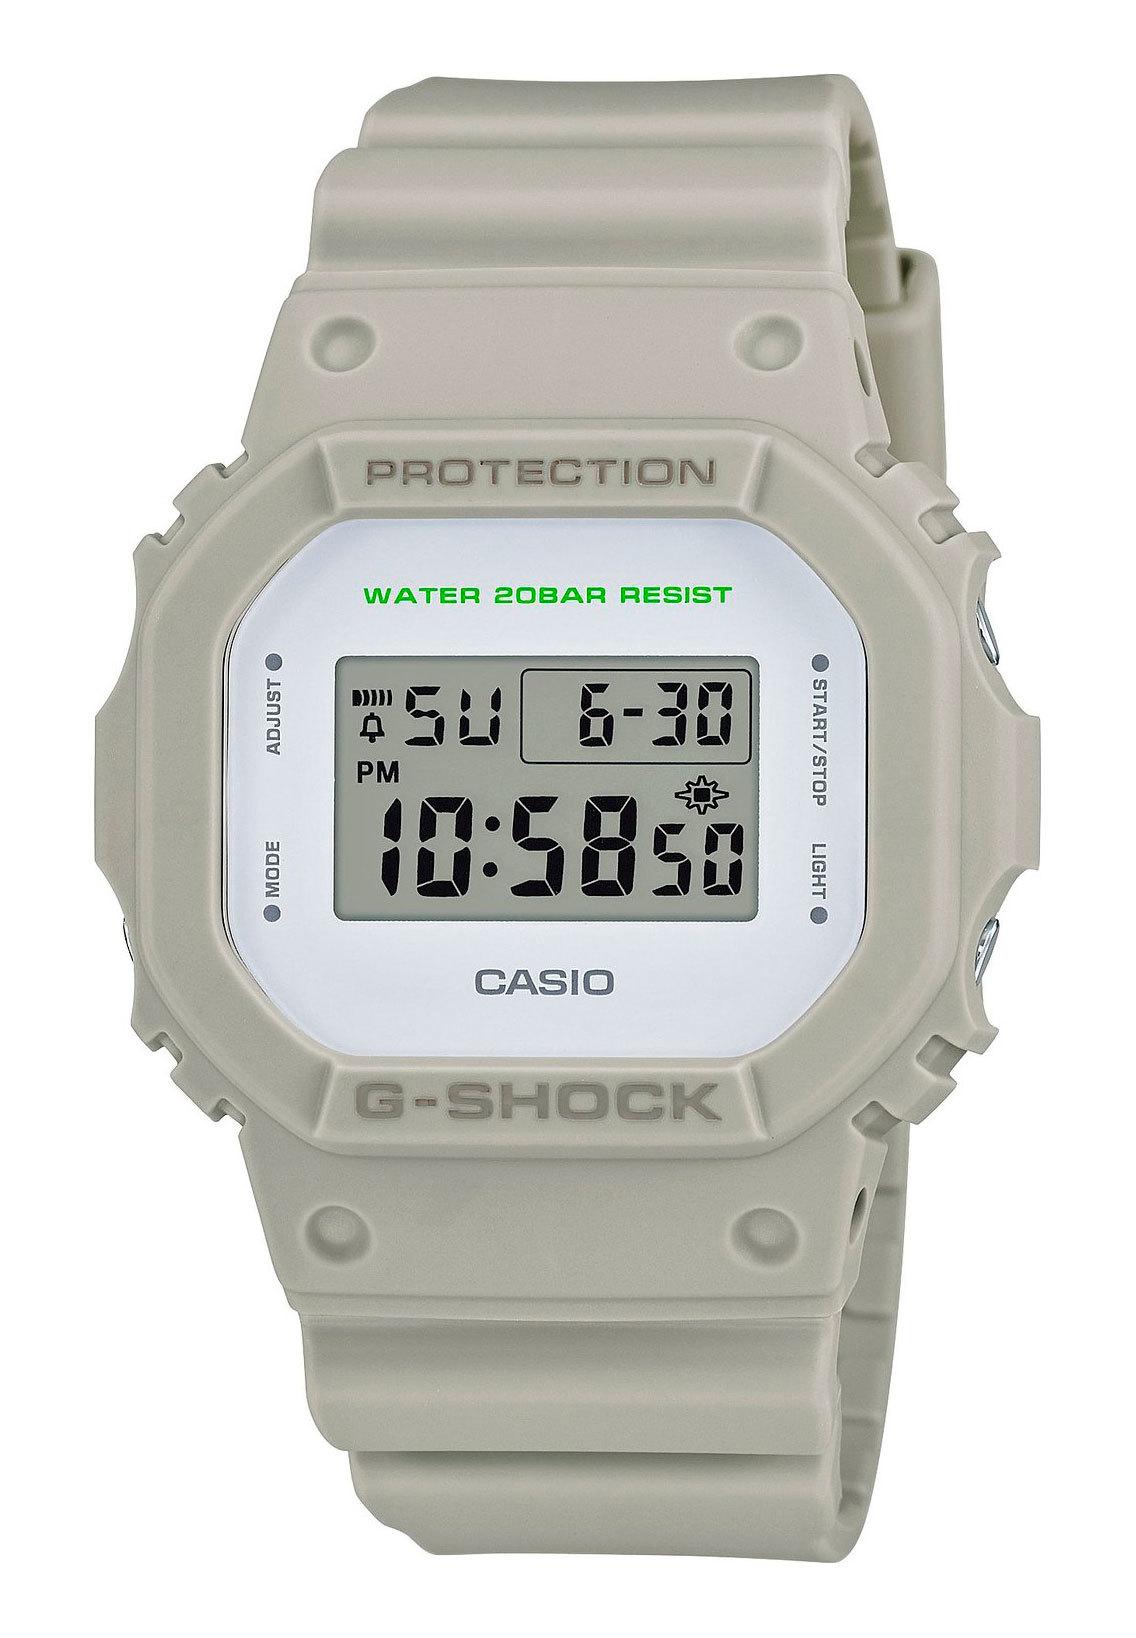 Casio G-SHOCK DW-5600M-8E / DW-5600M-8ER - мужские наручные часыCasio<br><br><br>Бренд: Casio<br>Модель: Casio DW-5600M-8E<br>Артикул: DW-5600M-8E<br>Вариант артикула: DW-5600M-8ER<br>Коллекция: G-SHOCK<br>Подколлекция: None<br>Страна: Япония<br>Пол: мужские<br>Тип механизма: кварцевые<br>Механизм: None<br>Количество камней: None<br>Автоподзавод: None<br>Источник энергии: от батарейки<br>Срок службы элемента питания: None<br>Дисплей: цифры<br>Цифры: None<br>Водозащита: WR 200<br>Противоударные: есть<br>Материал корпуса: пластик<br>Материал браслета: пластик<br>Материал безеля: None<br>Стекло: минеральное<br>Антибликовое покрытие: None<br>Цвет корпуса: None<br>Цвет браслета: None<br>Цвет циферблата: None<br>Цвет безеля: None<br>Размеры: 42.8x48.9x13.4 мм<br>Диаметр: None<br>Диаметр корпуса: None<br>Толщина: None<br>Ширина ремешка: None<br>Вес: 53 г<br>Спорт-функции: секундомер, таймер обратного отсчета<br>Подсветка: дисплея<br>Вставка: None<br>Отображение даты: вечный календарь, число, месяц, день недели<br>Хронограф: None<br>Таймер: None<br>Термометр: None<br>Хронометр: None<br>GPS: None<br>Радиосинхронизация: None<br>Барометр: None<br>Скелетон: None<br>Дополнительная информация: ежечасный сигнал, функция Flash alert; элемент питания CR2016, срок службы батарейки 2 года<br>Дополнительные функции: будильник